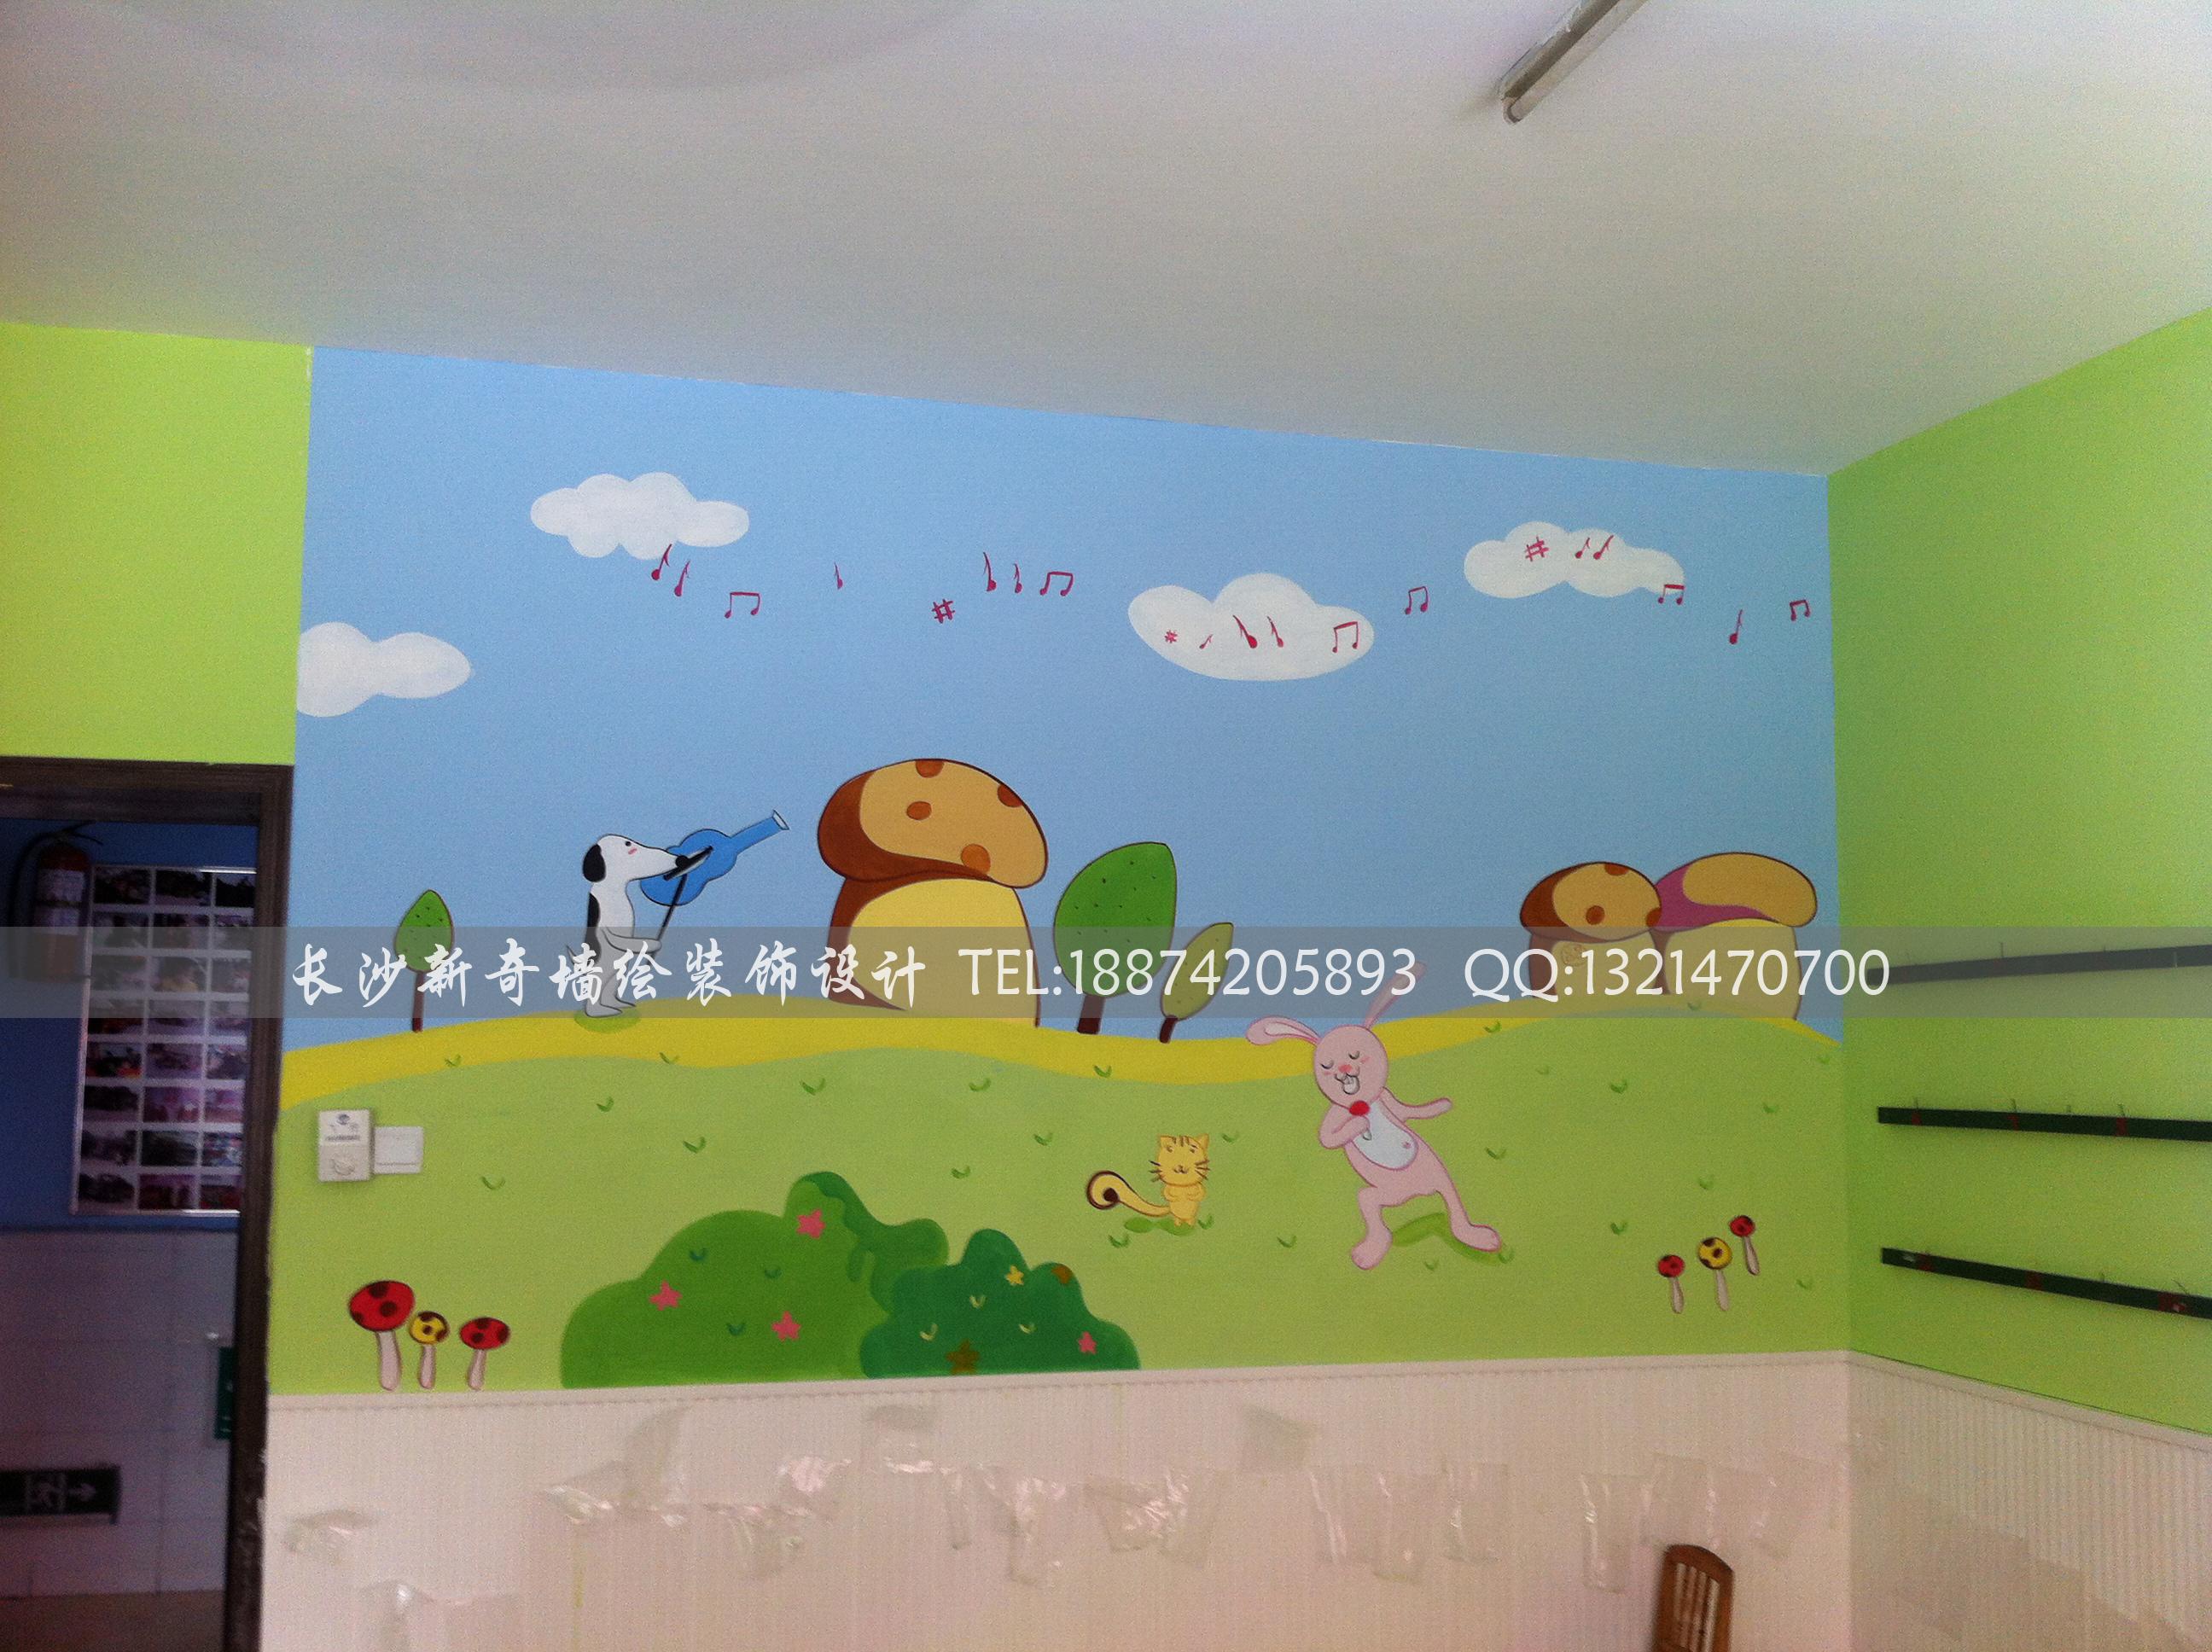 长沙墙绘,长沙壁画,长沙手绘墙,长沙幼儿园墙绘,壁画,长沙墙绘公司